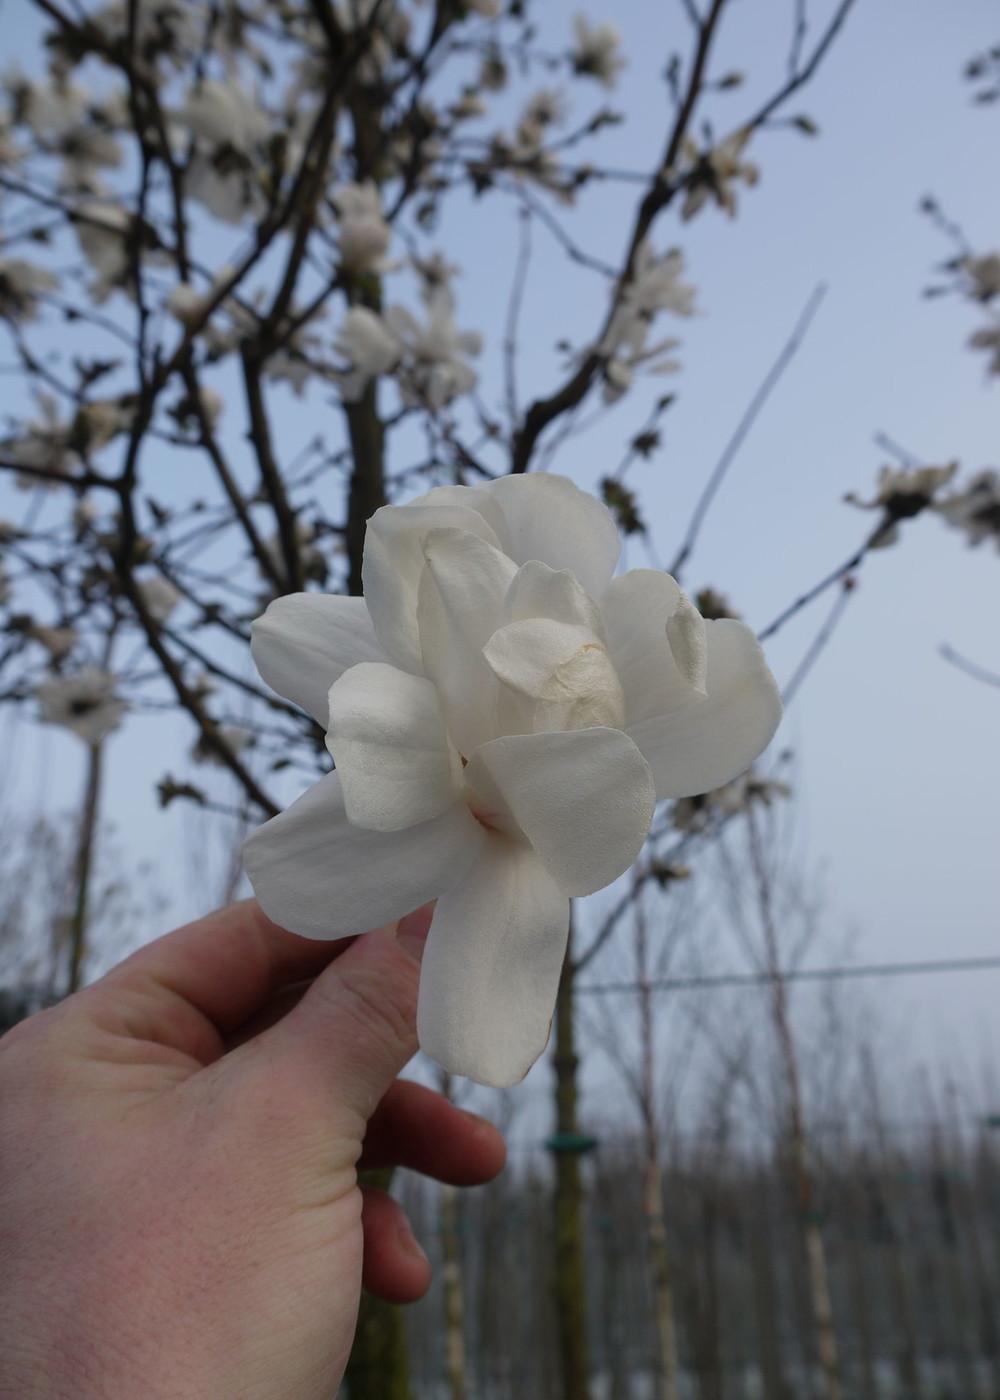 Magnolie Merrill | Magnolia loebneri 'Merrill'